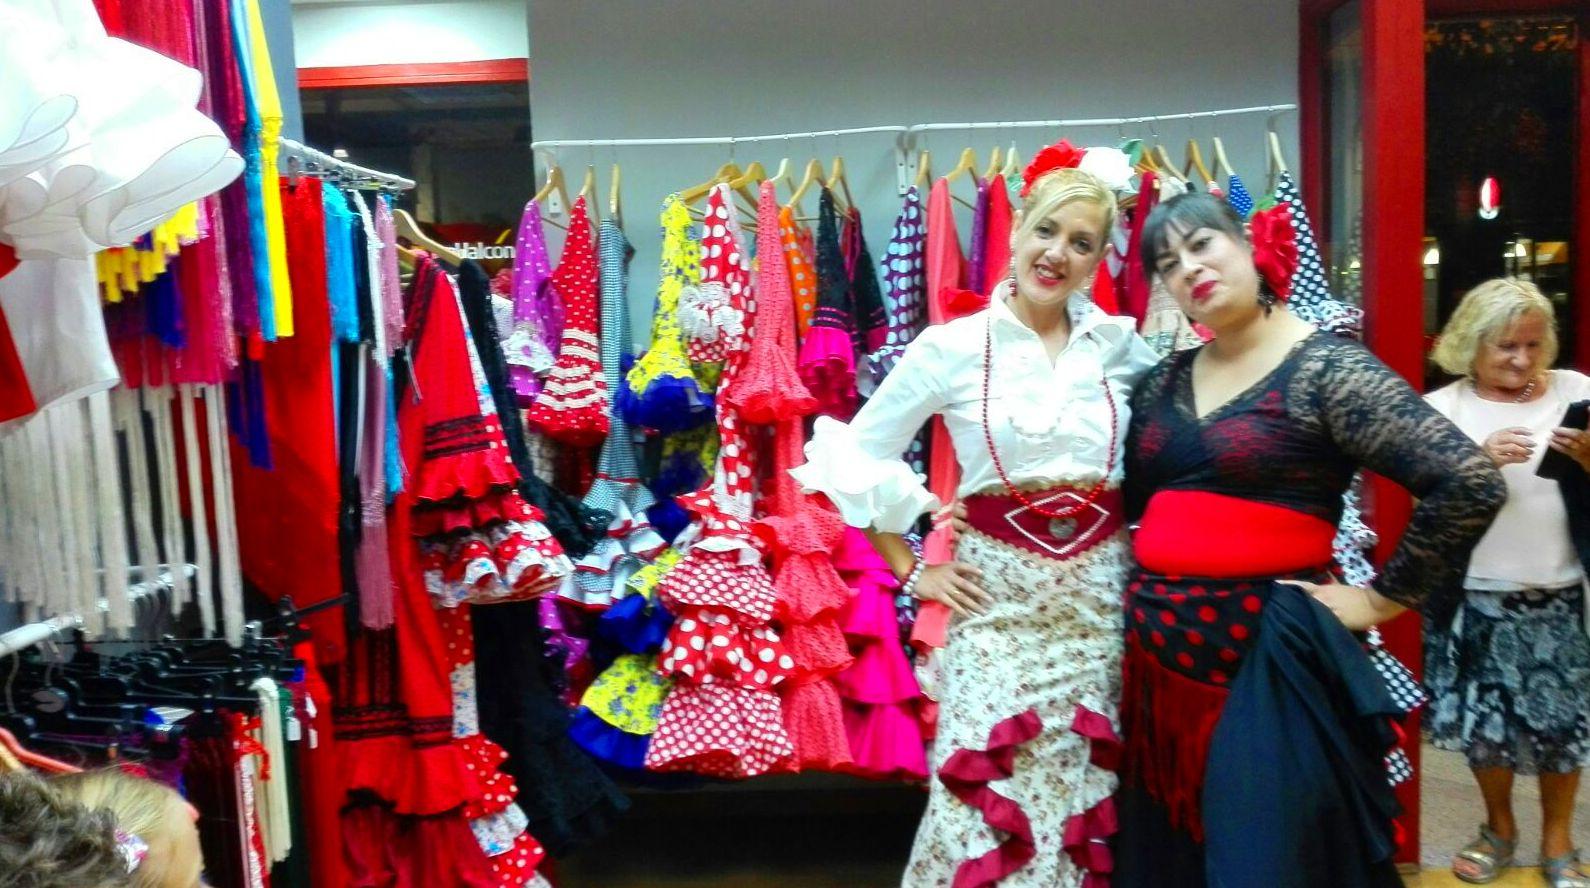 Tienda traje de sevillana Zaragoza, inauguración.